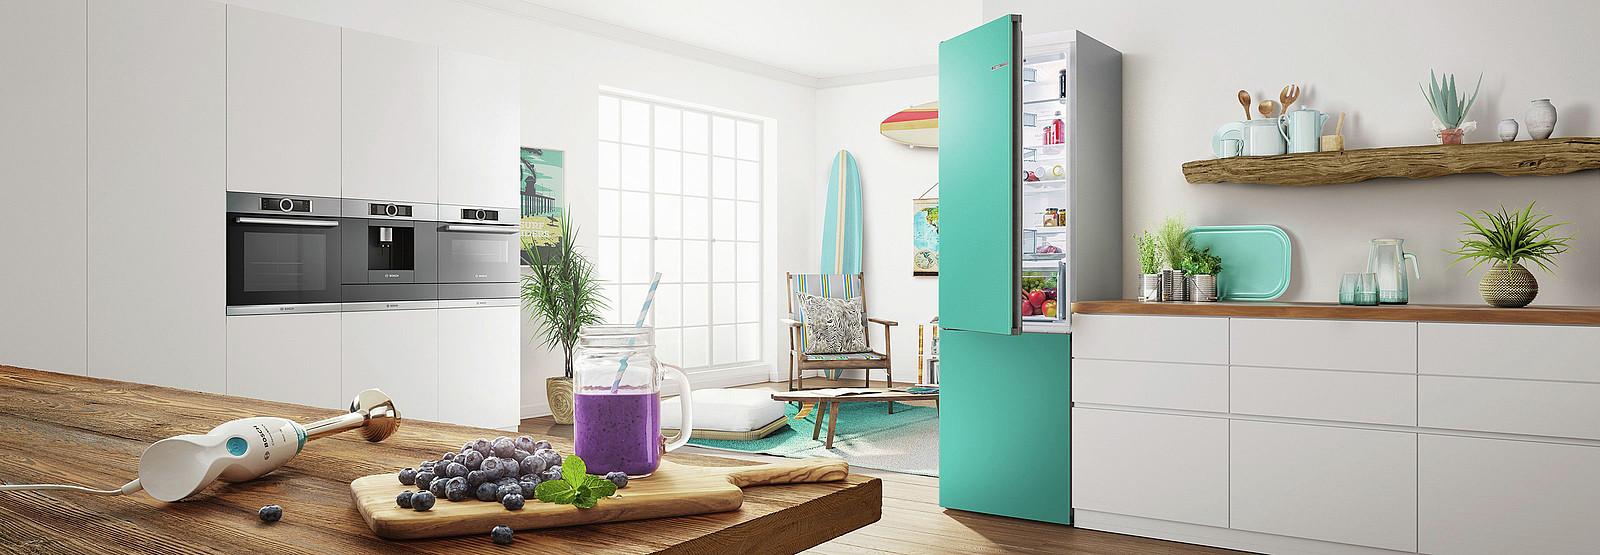 Full Size of Küche Mint Kchenfarben Welche Farbe Passt Zu Wem Komplettküche Ikea Miniküche Mobile Schneidemaschine Eckschrank Eckküche Mit Elektrogeräten Einbauküche Wohnzimmer Küche Mint